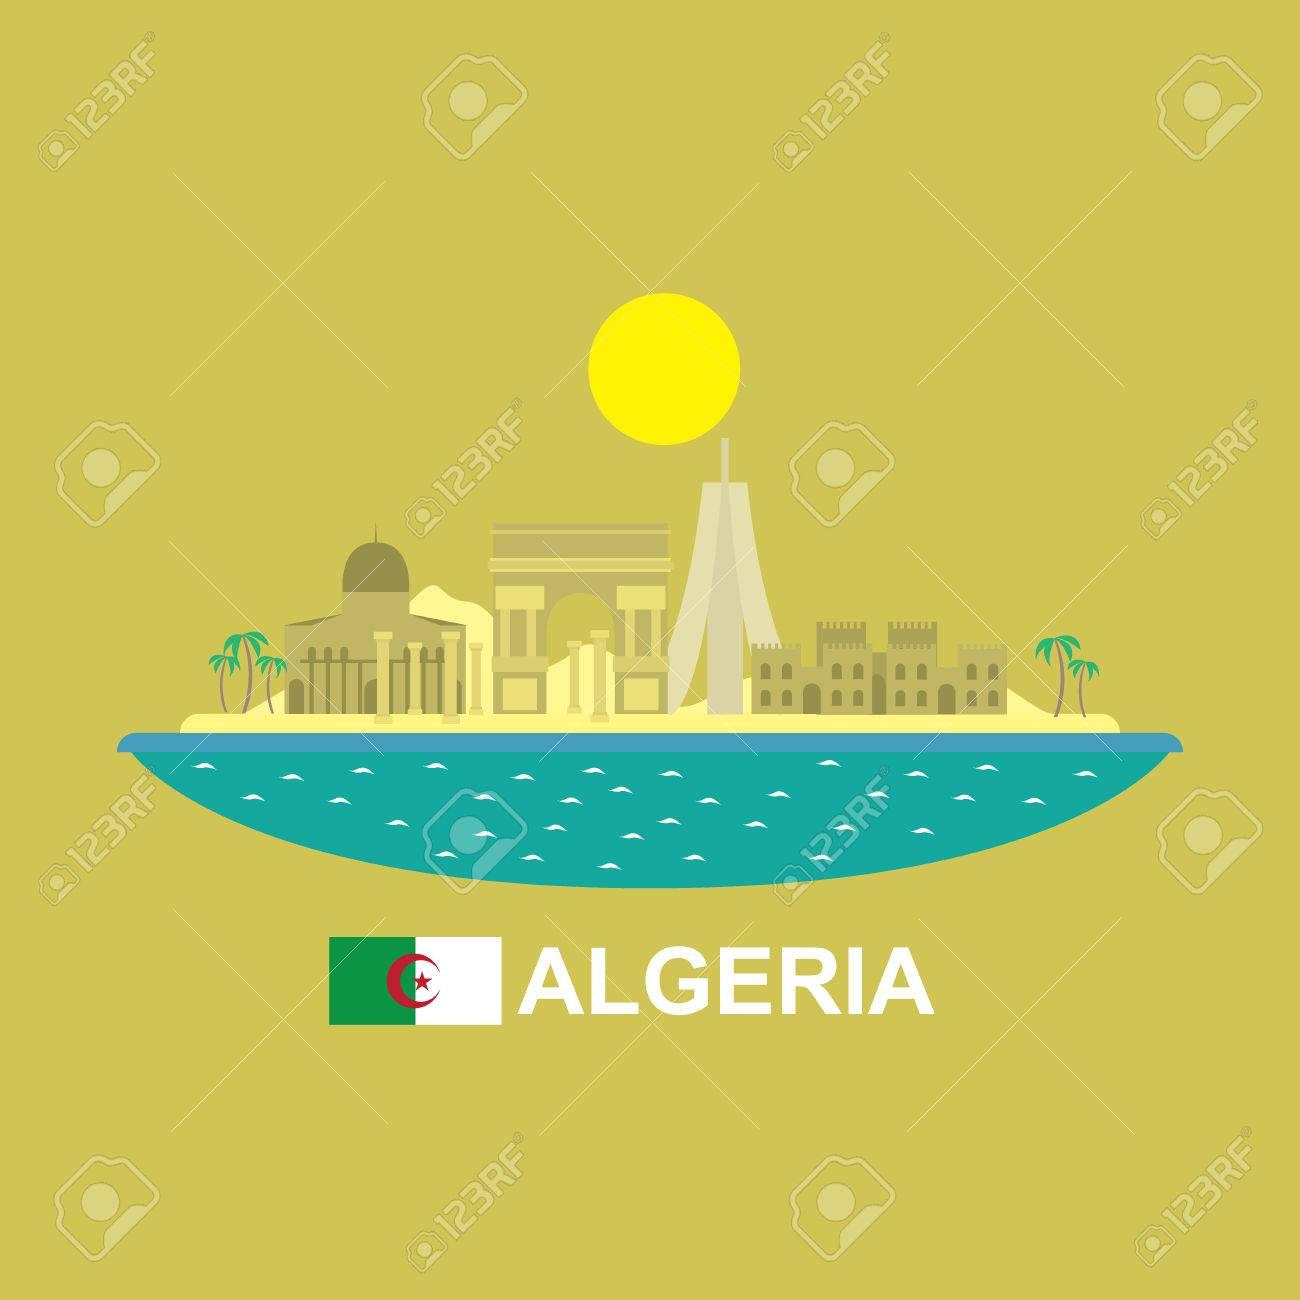 Algeria famous buildings infographic - 47948748